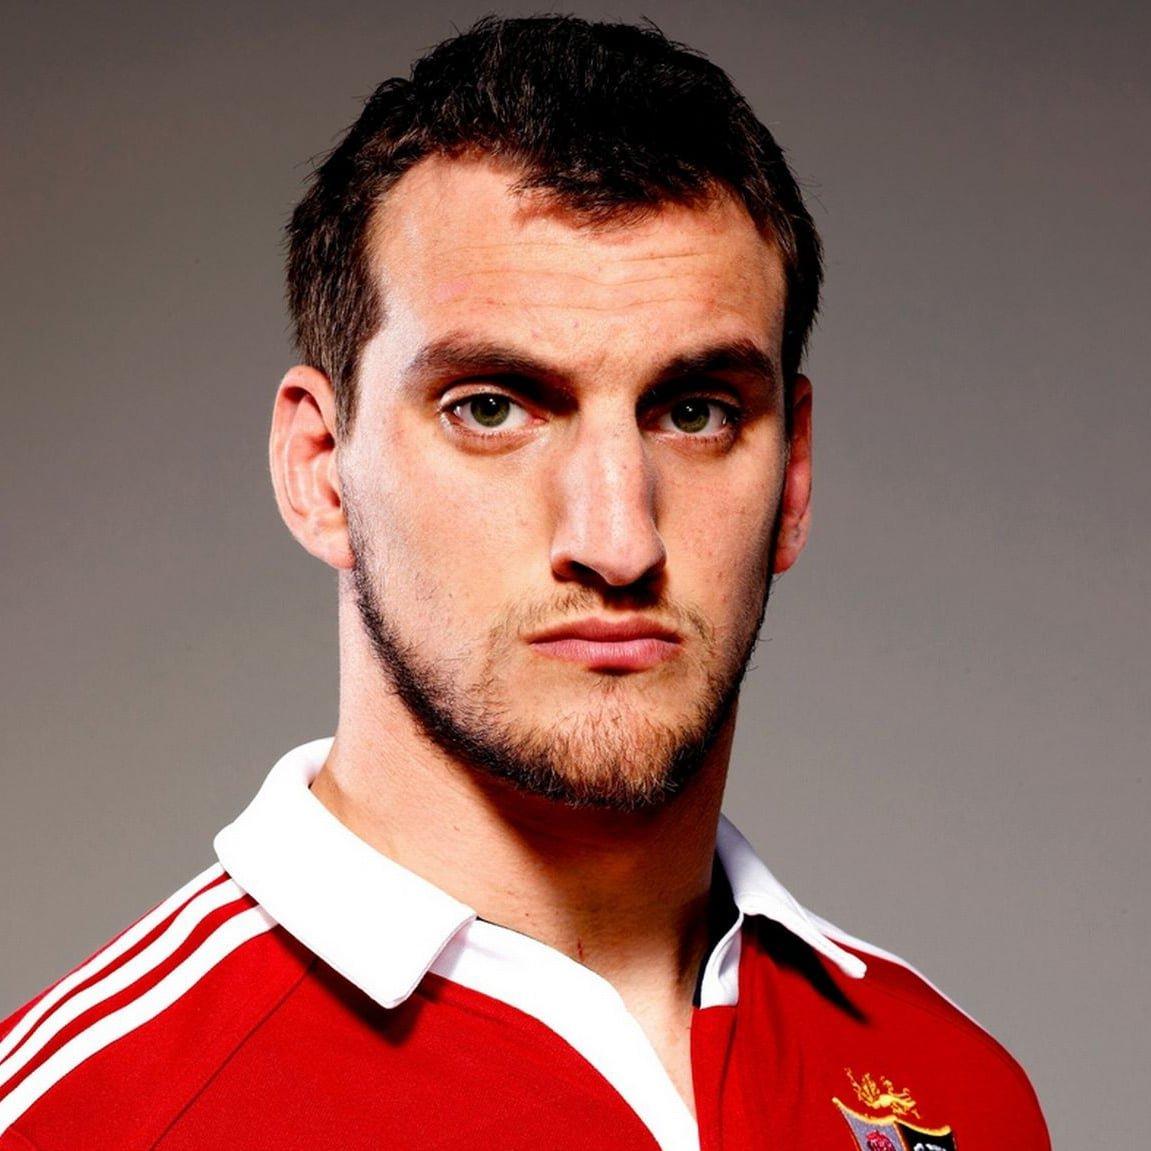 Sam-Waburton-Welsh-British-Irish-Lions-rugby-player-at-Great-British-Speakers